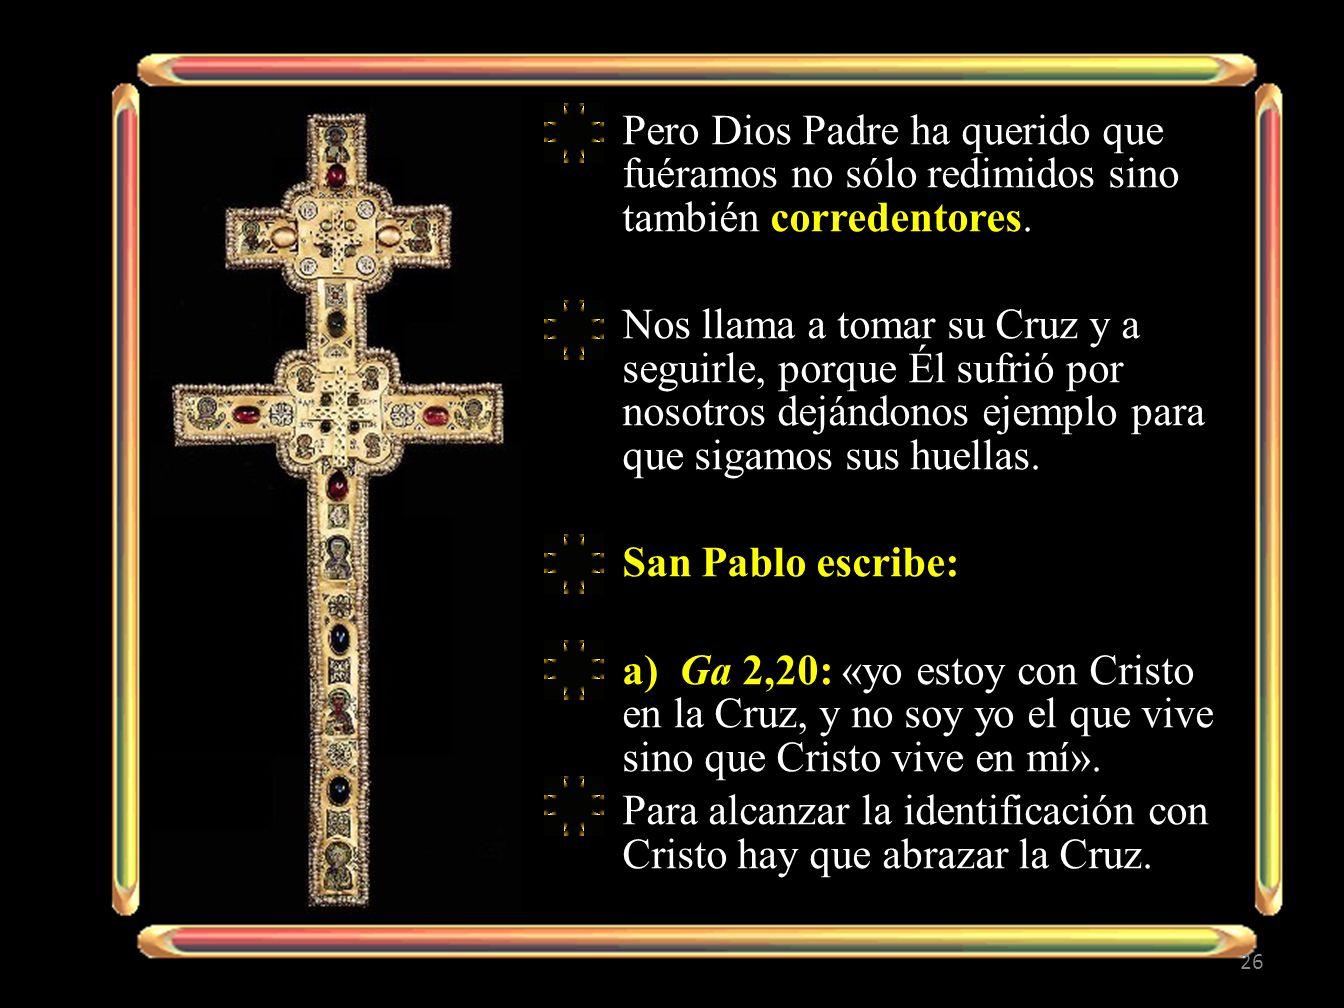 Pero Dios Padre ha querido que fuéramos no sólo redimidos sino también corredentores. Nos llama a tomar su Cruz y a seguirle, porque Él sufrió por nos